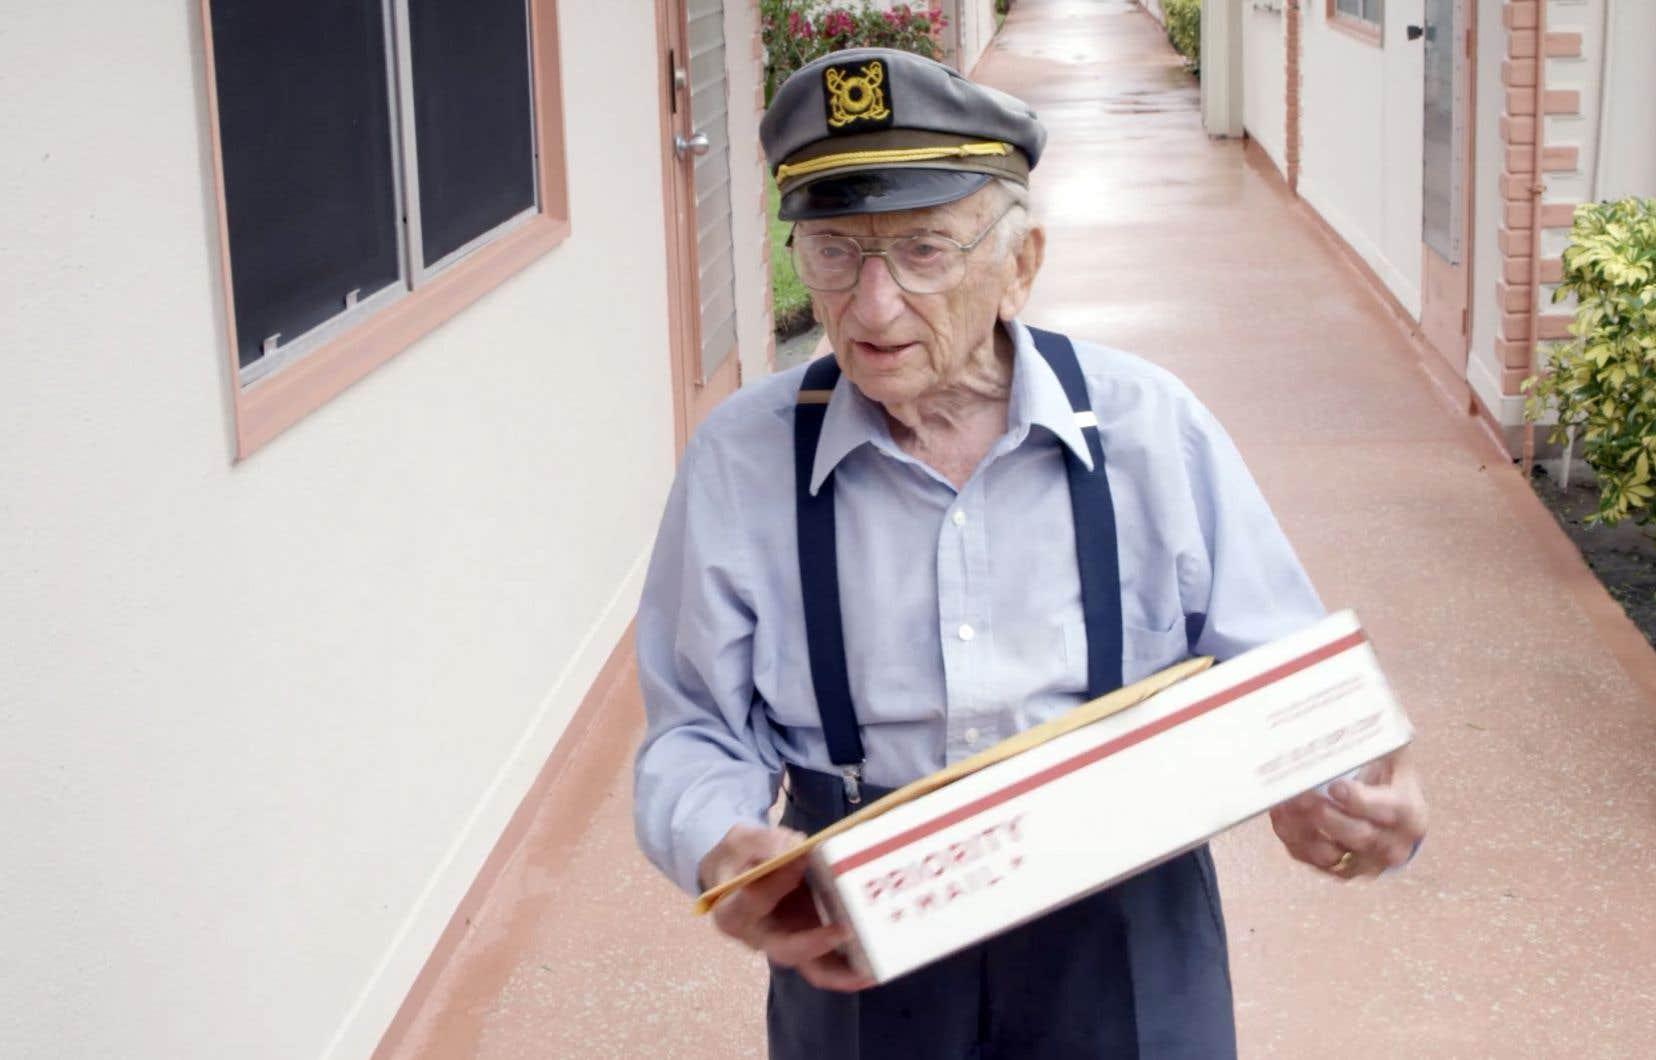 L'avocat Benjamin Ferencz, 98 ans, a été le procureur en chef lors du procès de Nuremberg.